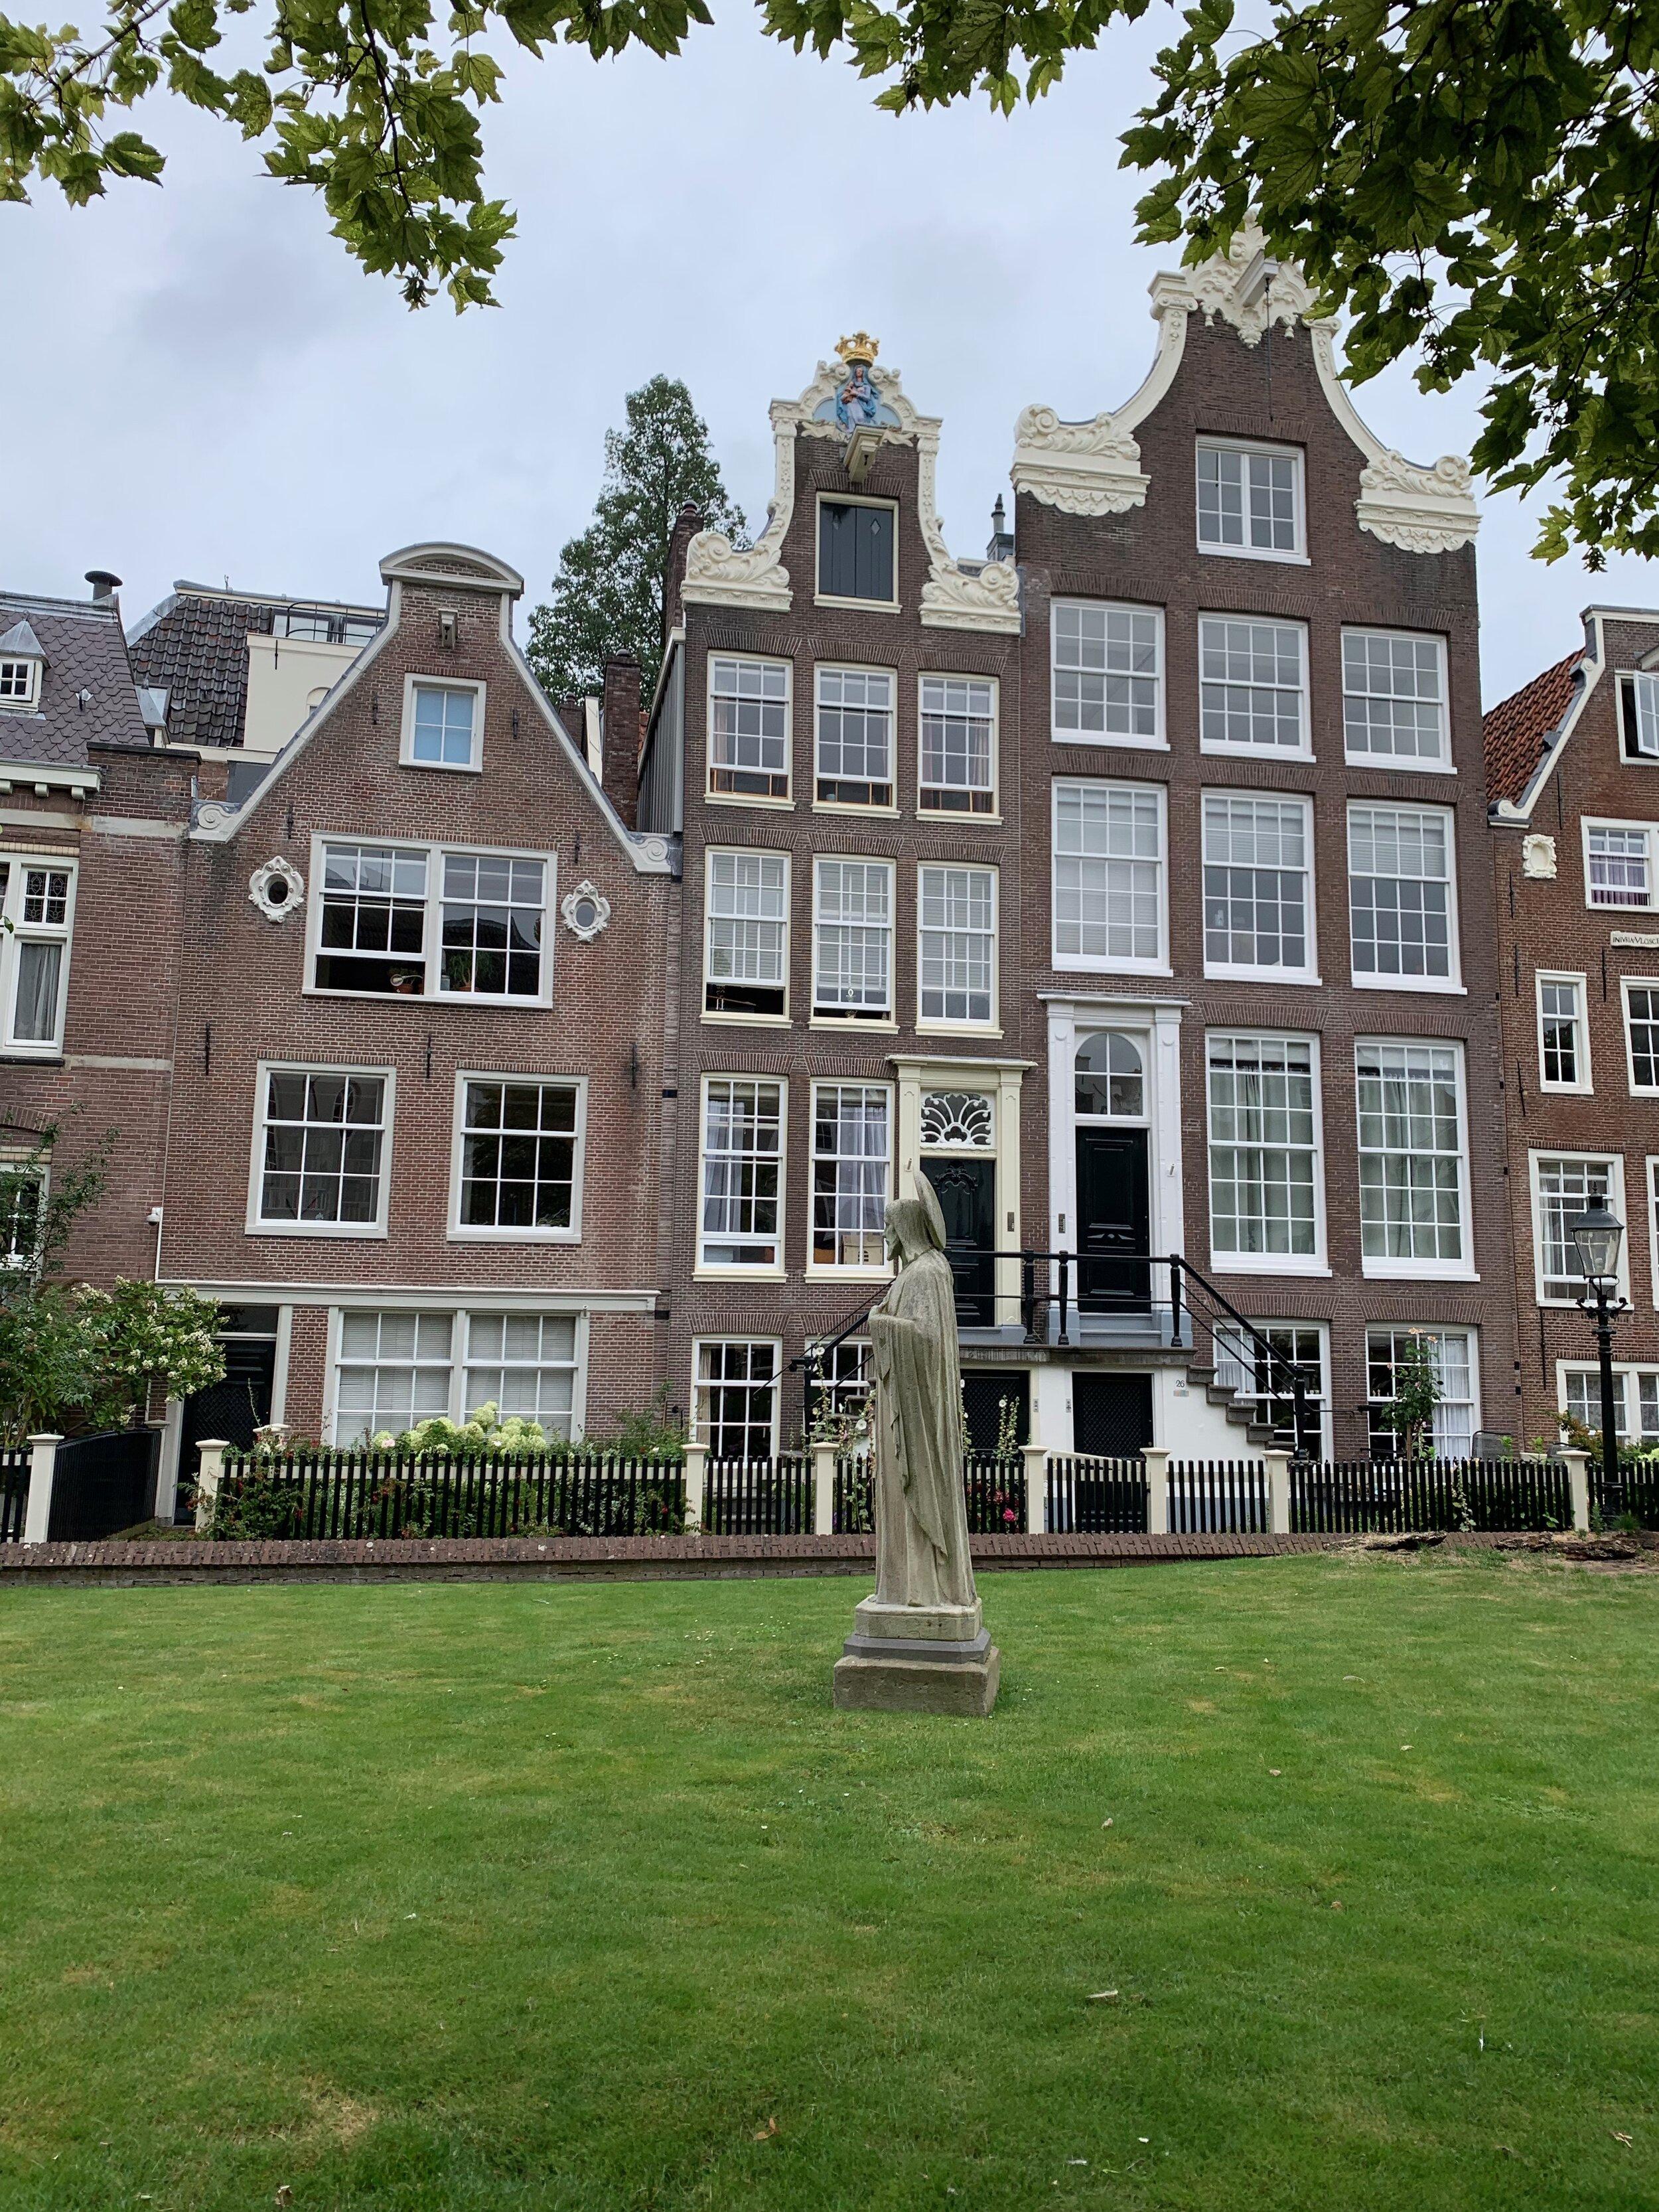 Begijnhof Garden in Amsterdam